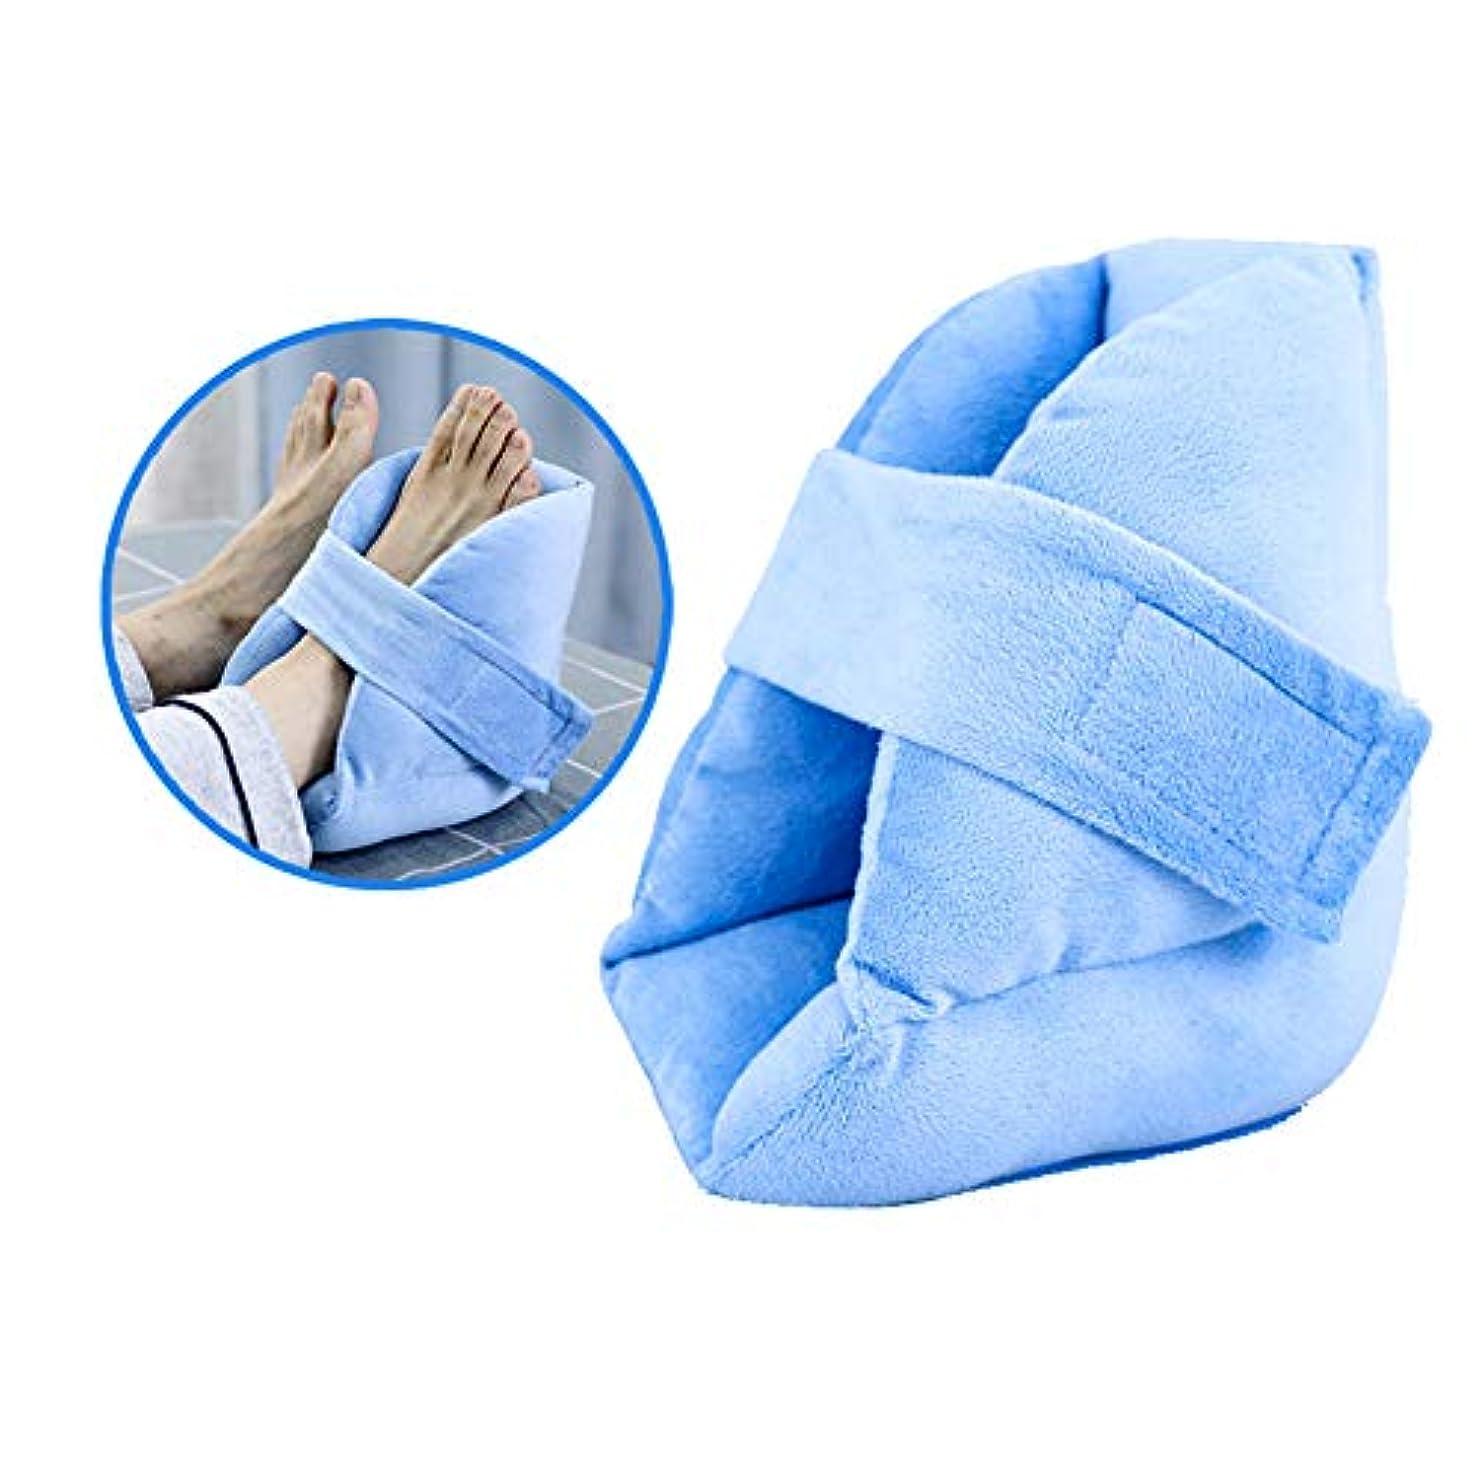 に十年疲労かかとの枕、かかとのクッションプロテクターの枕、腫れた足のための傷や潰瘍からの圧力を和らげ、癒しを促進